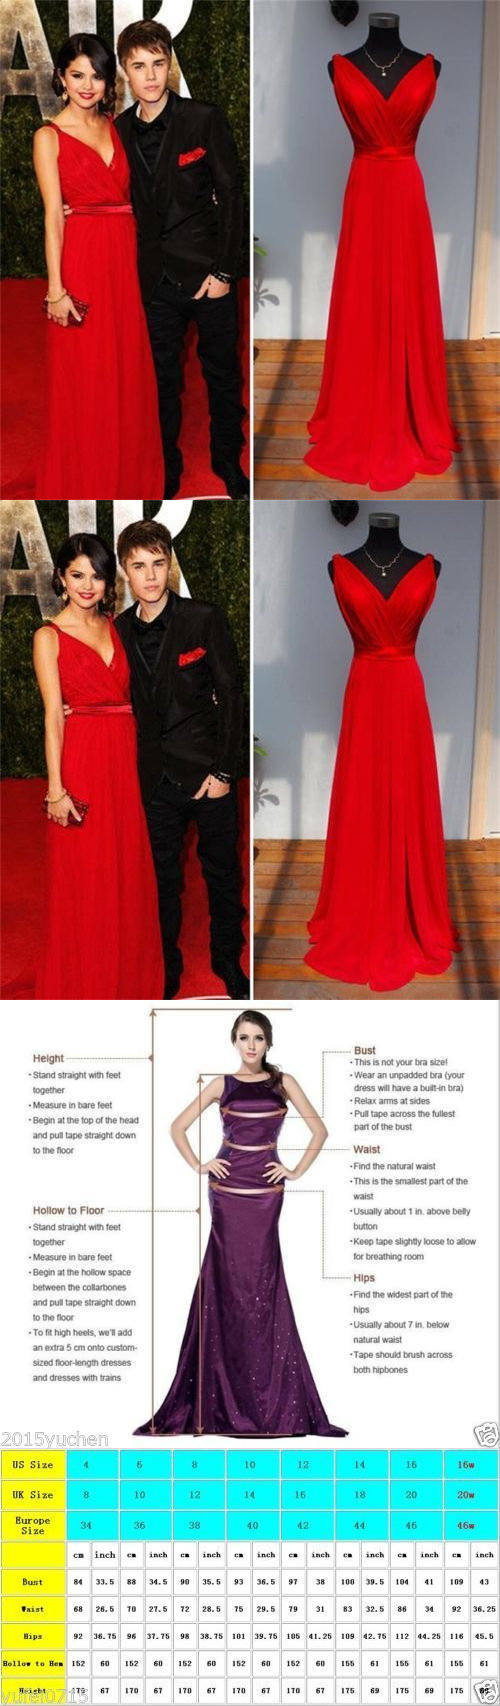 Celebrity dresses new v neck long formal evening dress red new